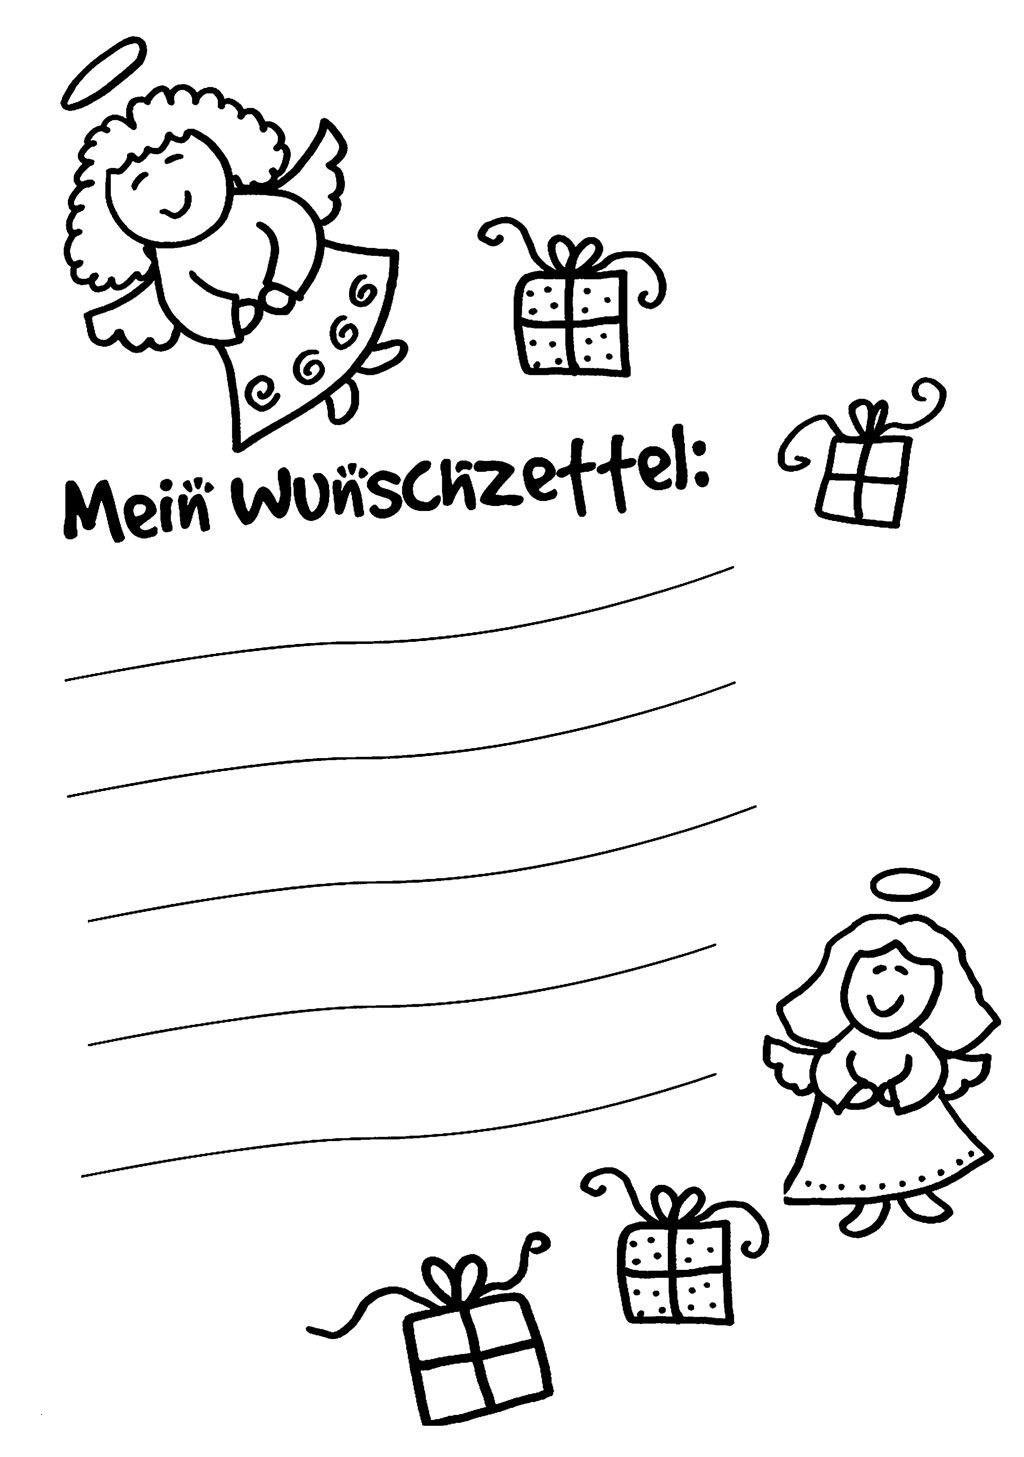 Mia and Me Ausmalbilder Zum Ausdrucken Inspirierend Ausmalbilder Mia and Me Kostenlos Elegant Bayern Ausmalbilder Schön Galerie